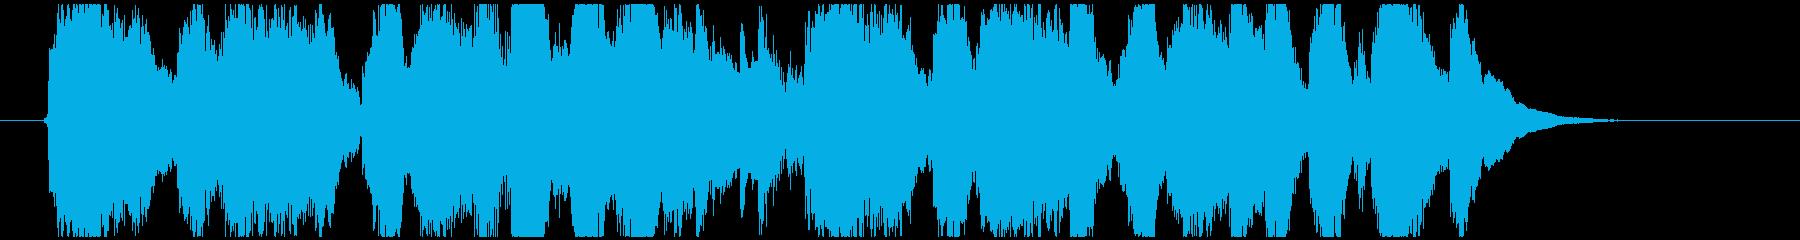 わくわく楽しげなオーケストラジングルの再生済みの波形